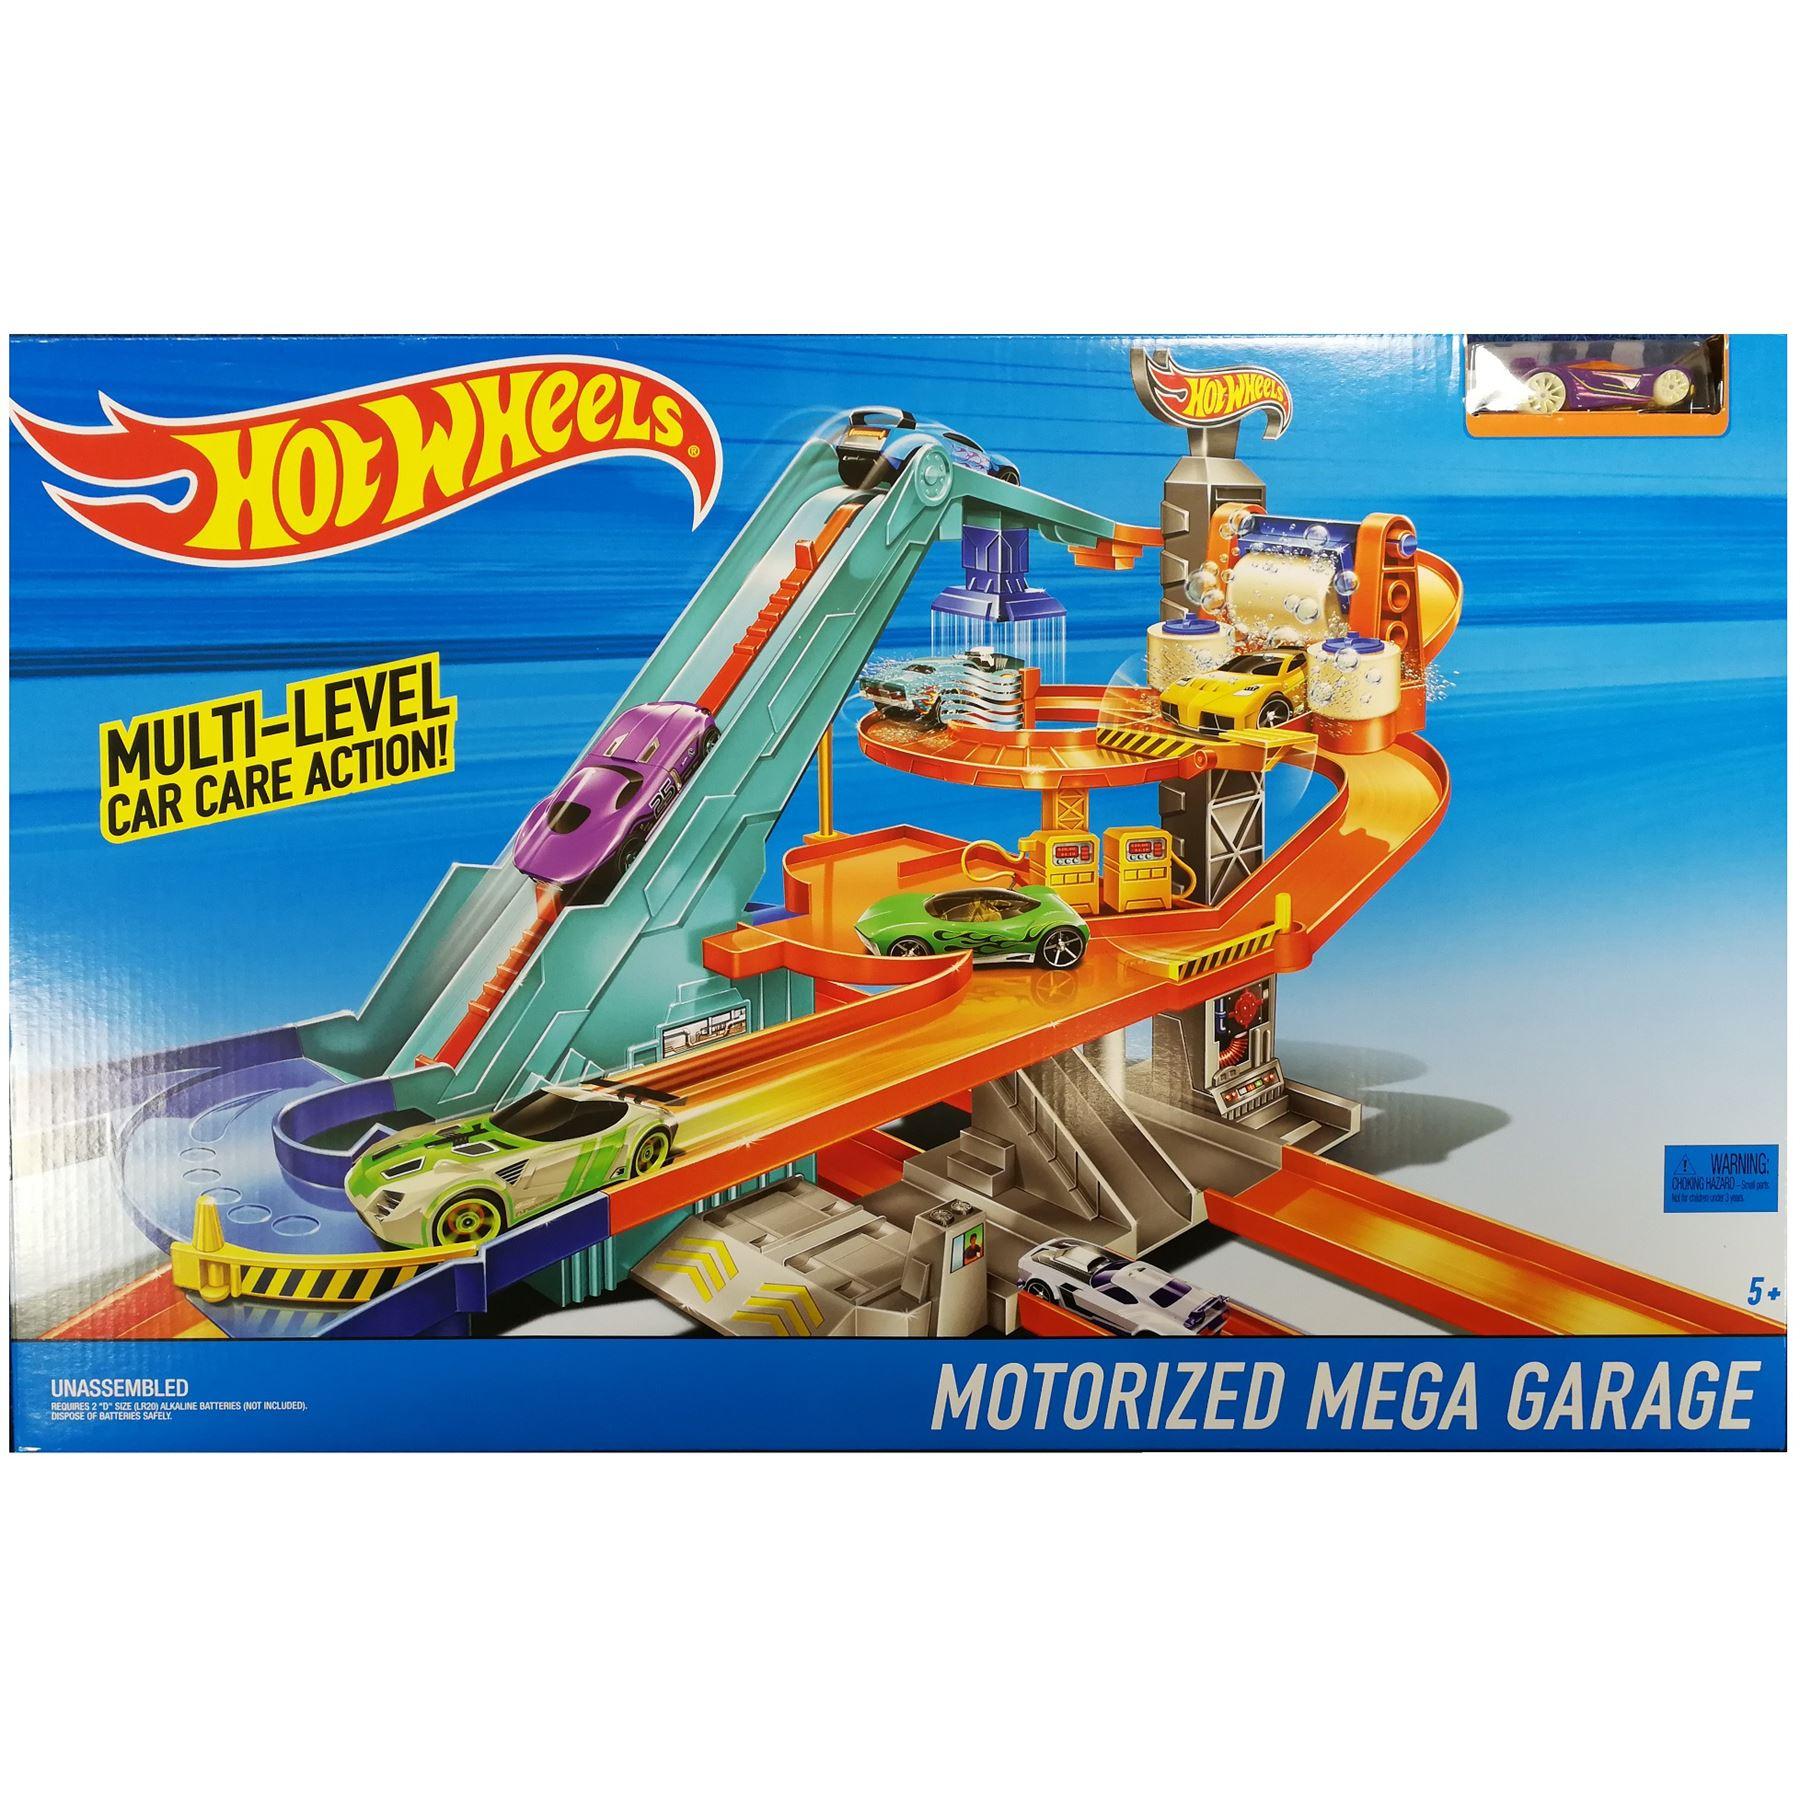 Hot Wheels BGJ18 Motorized Mega Garage Toy Vehicle Track